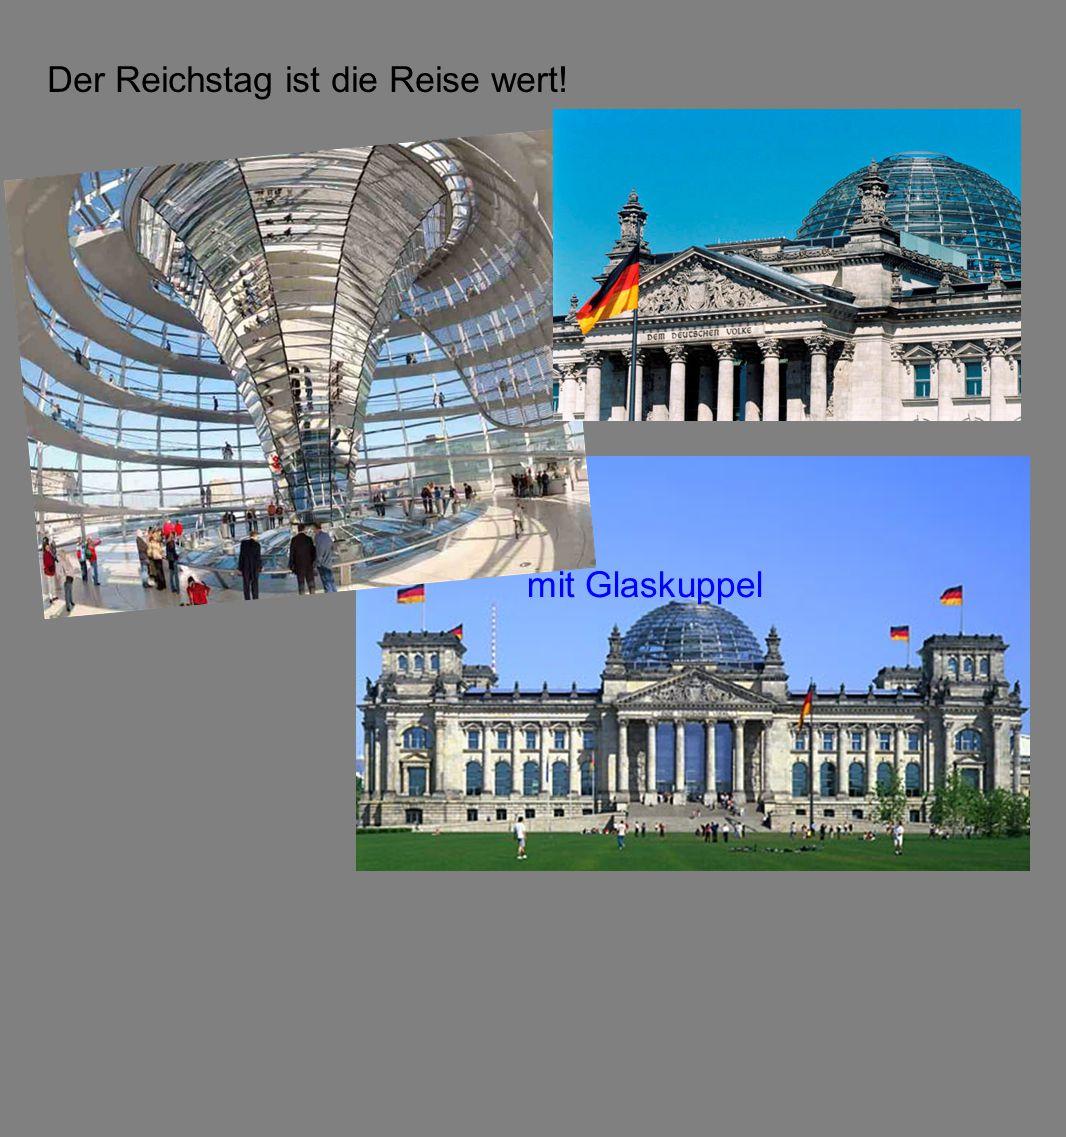 Der Reichstag ist die Reise wert! mit Glaskuppel